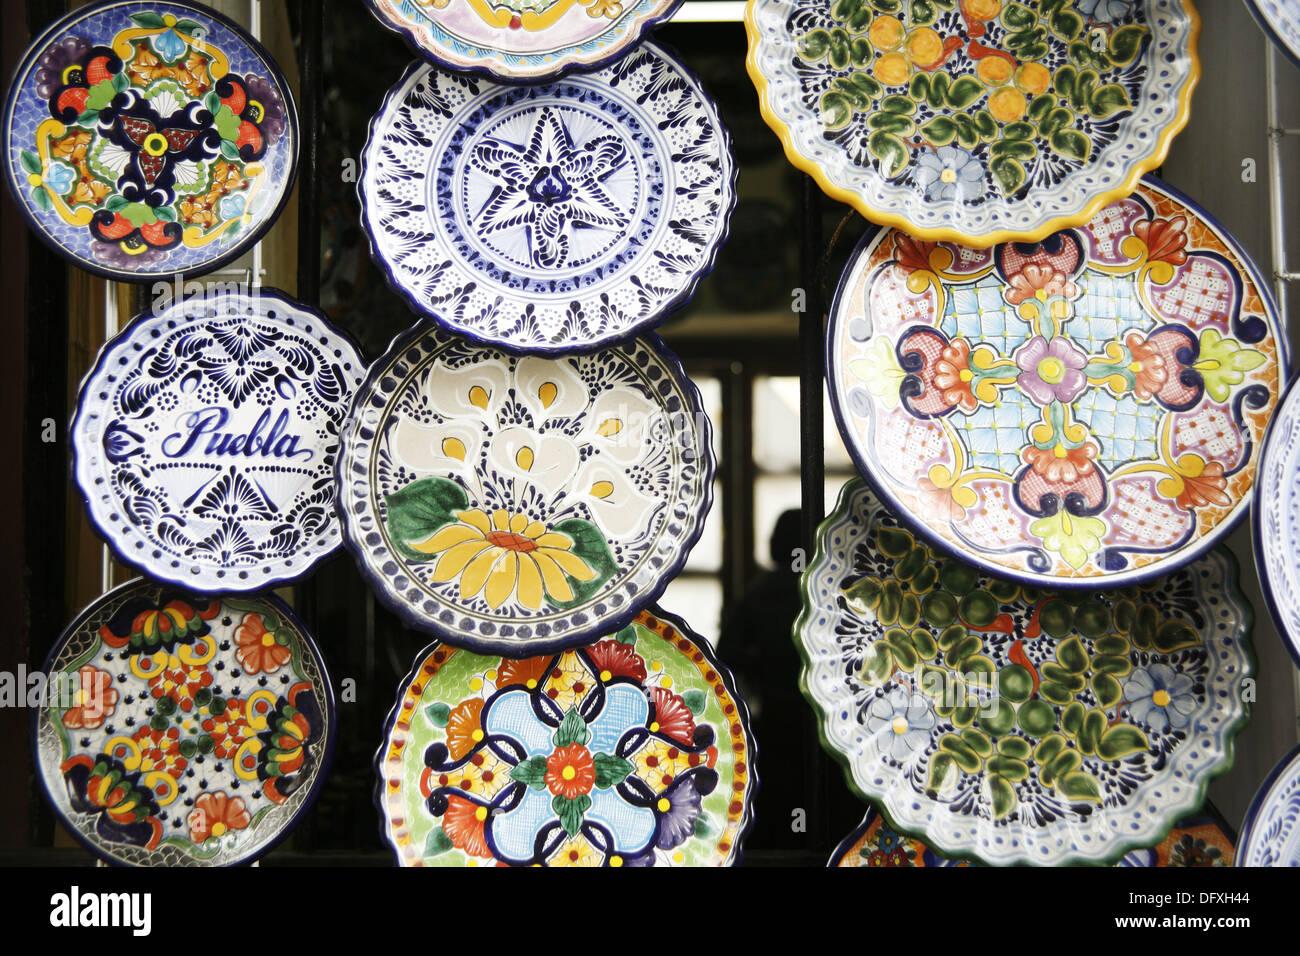 Talavera Artesania Puebla Imágenes De Stock Talavera Artesania